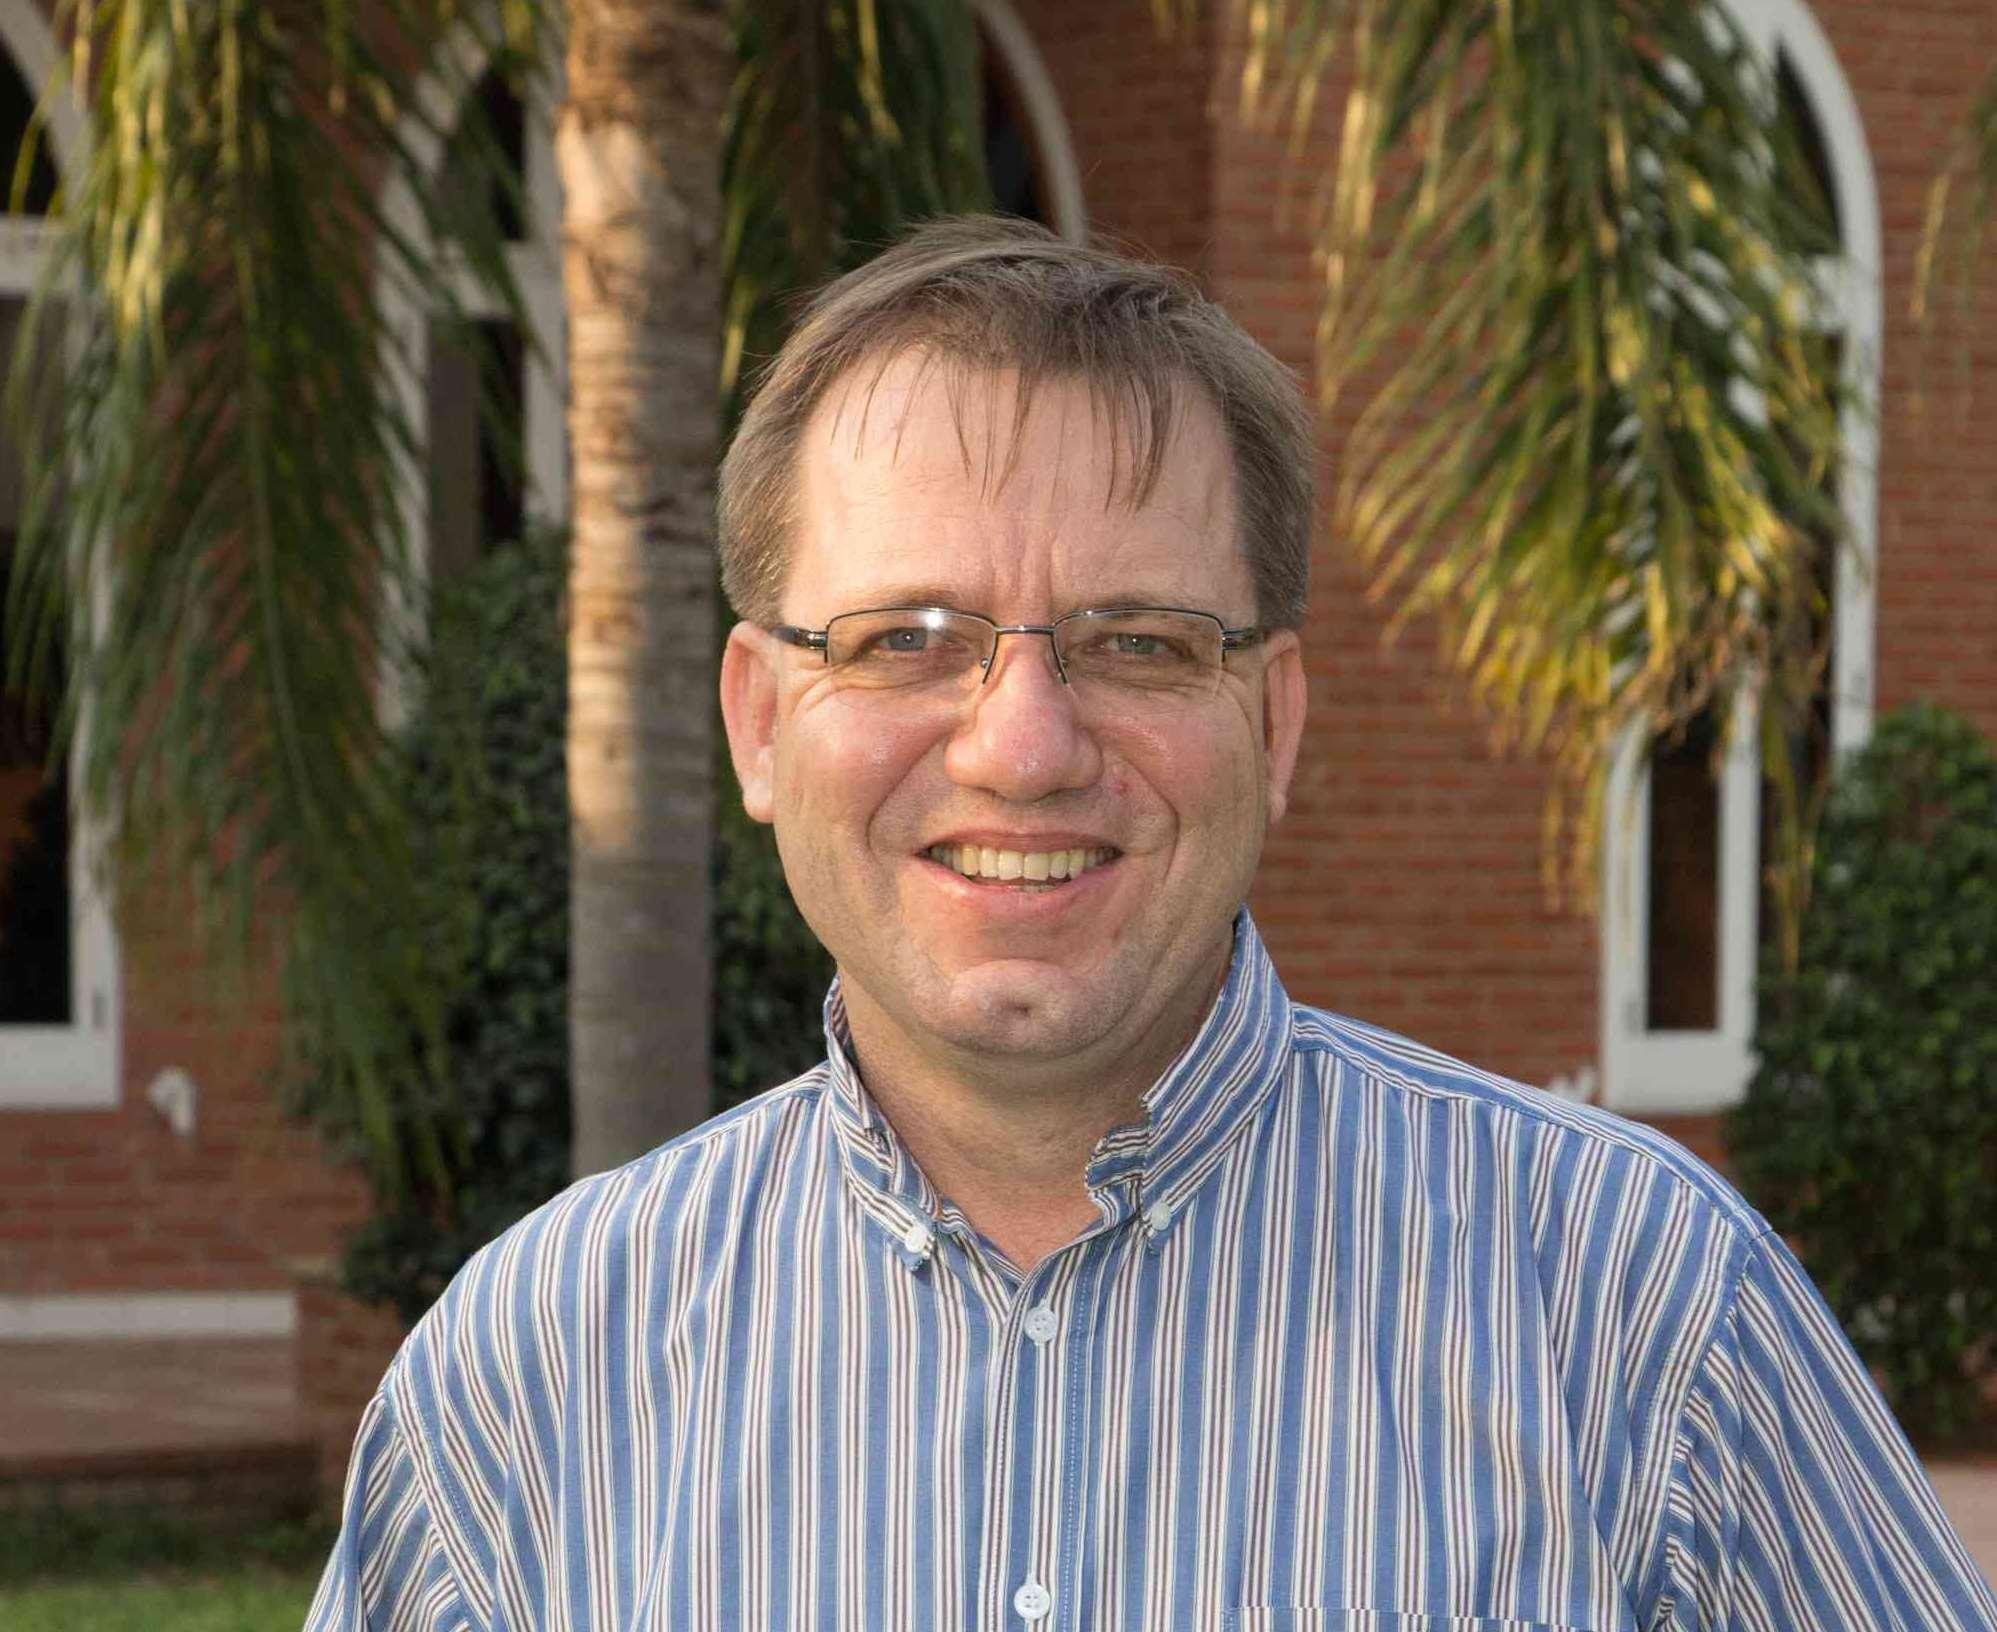 Heinz Dieter Giesbrecht